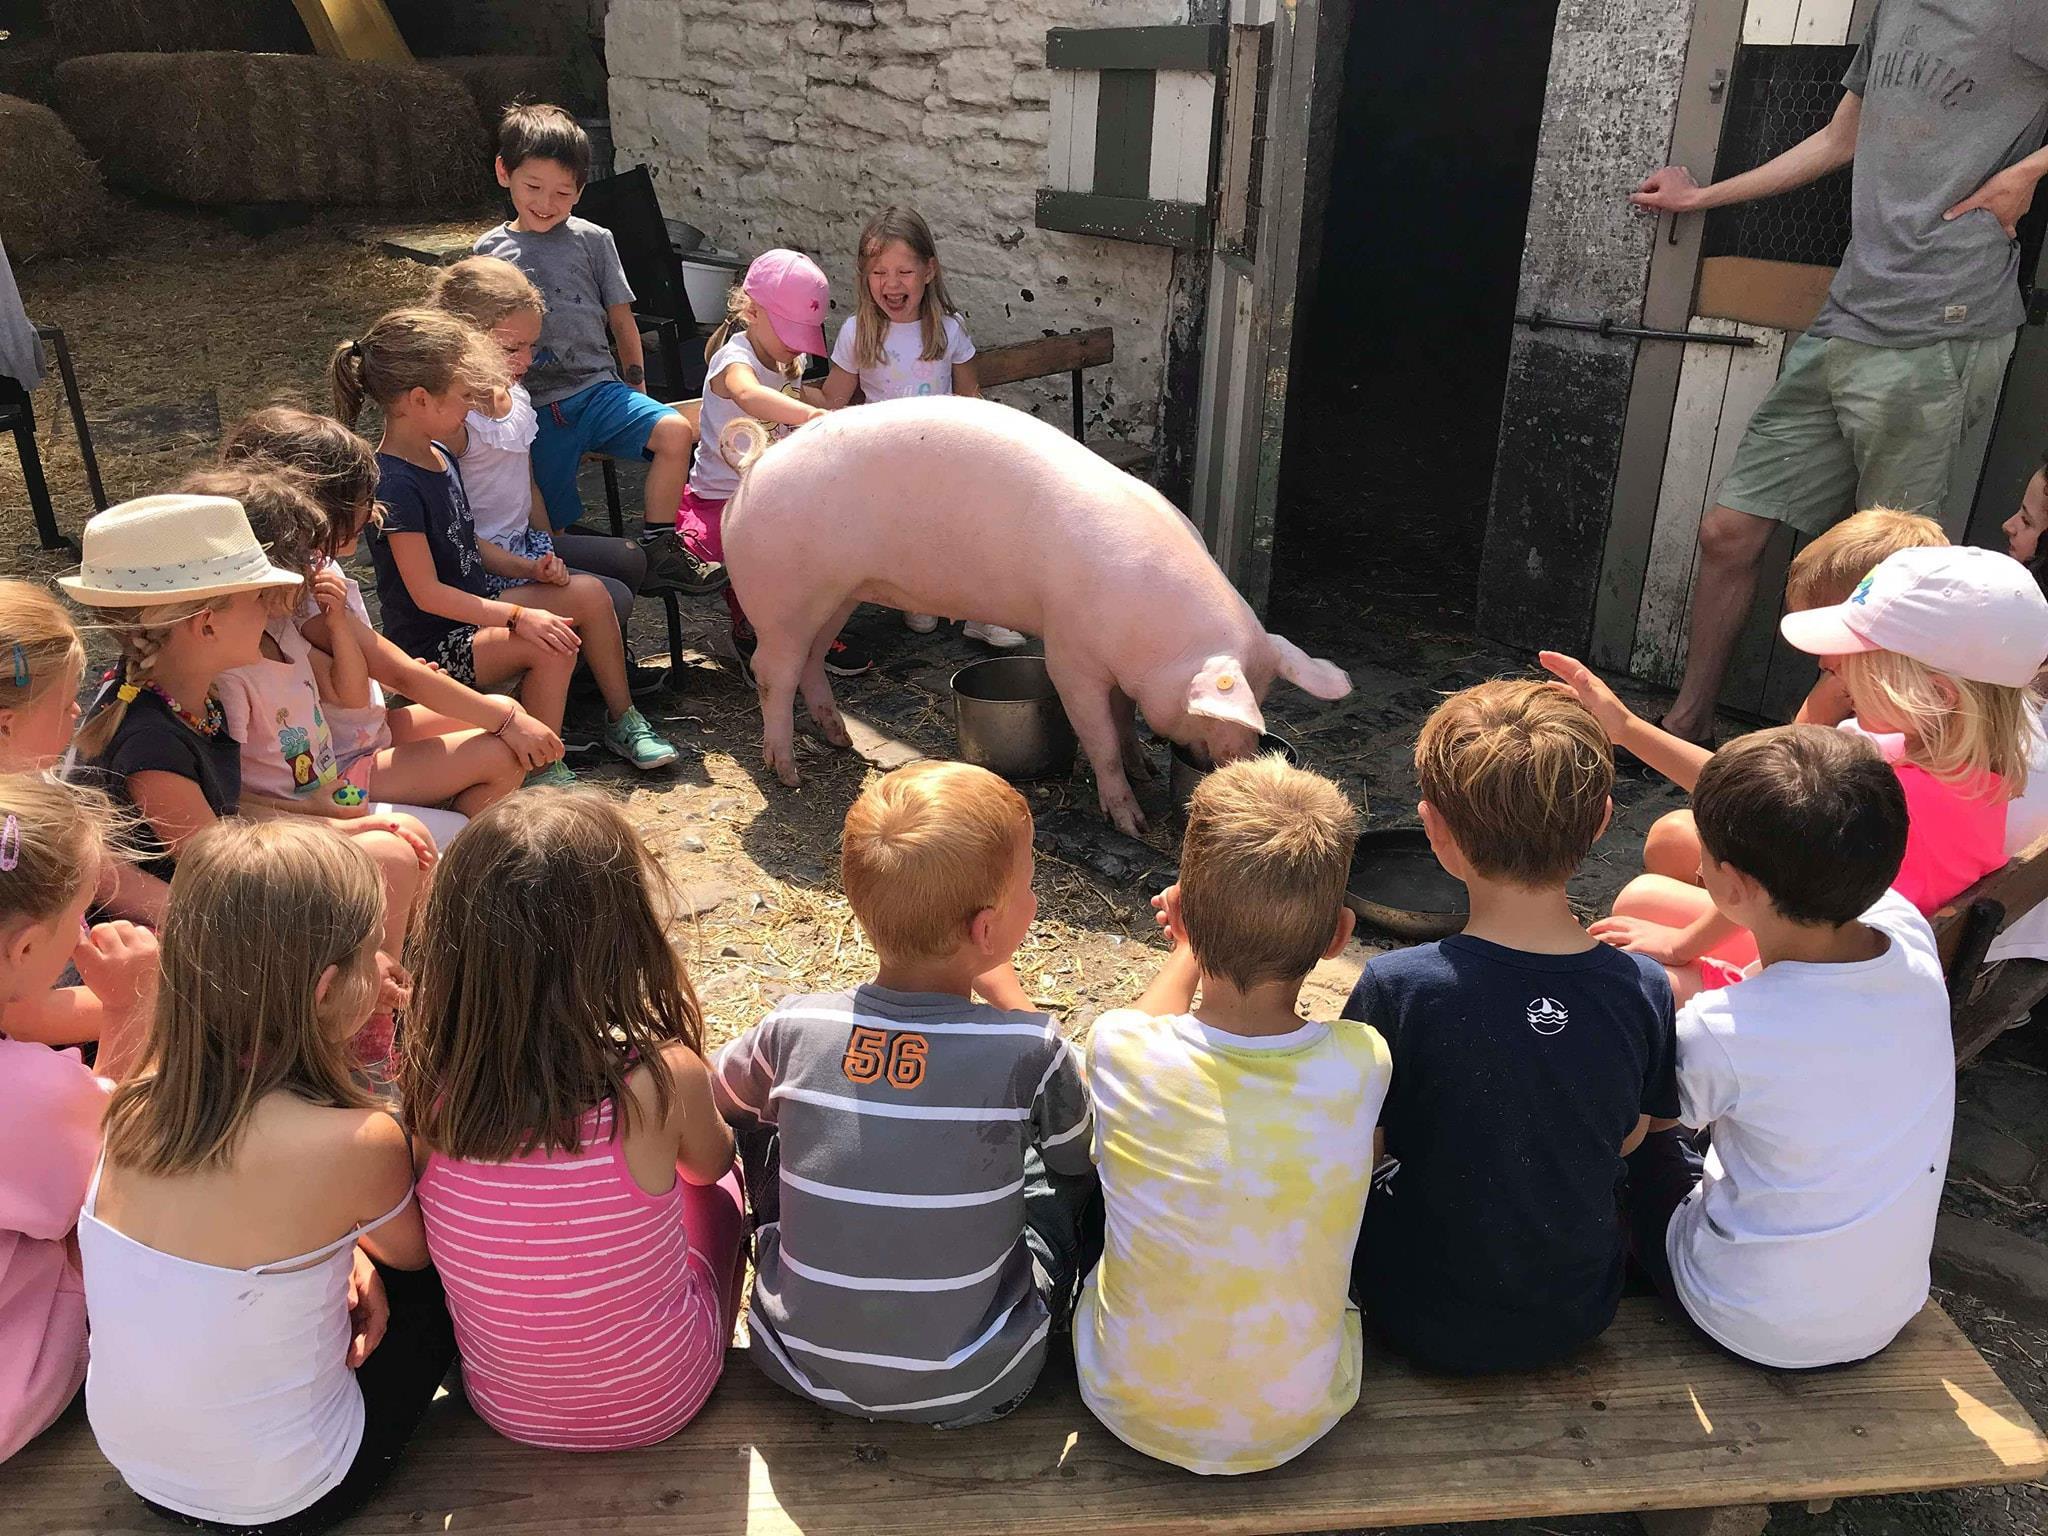 Nourrissage du cochon